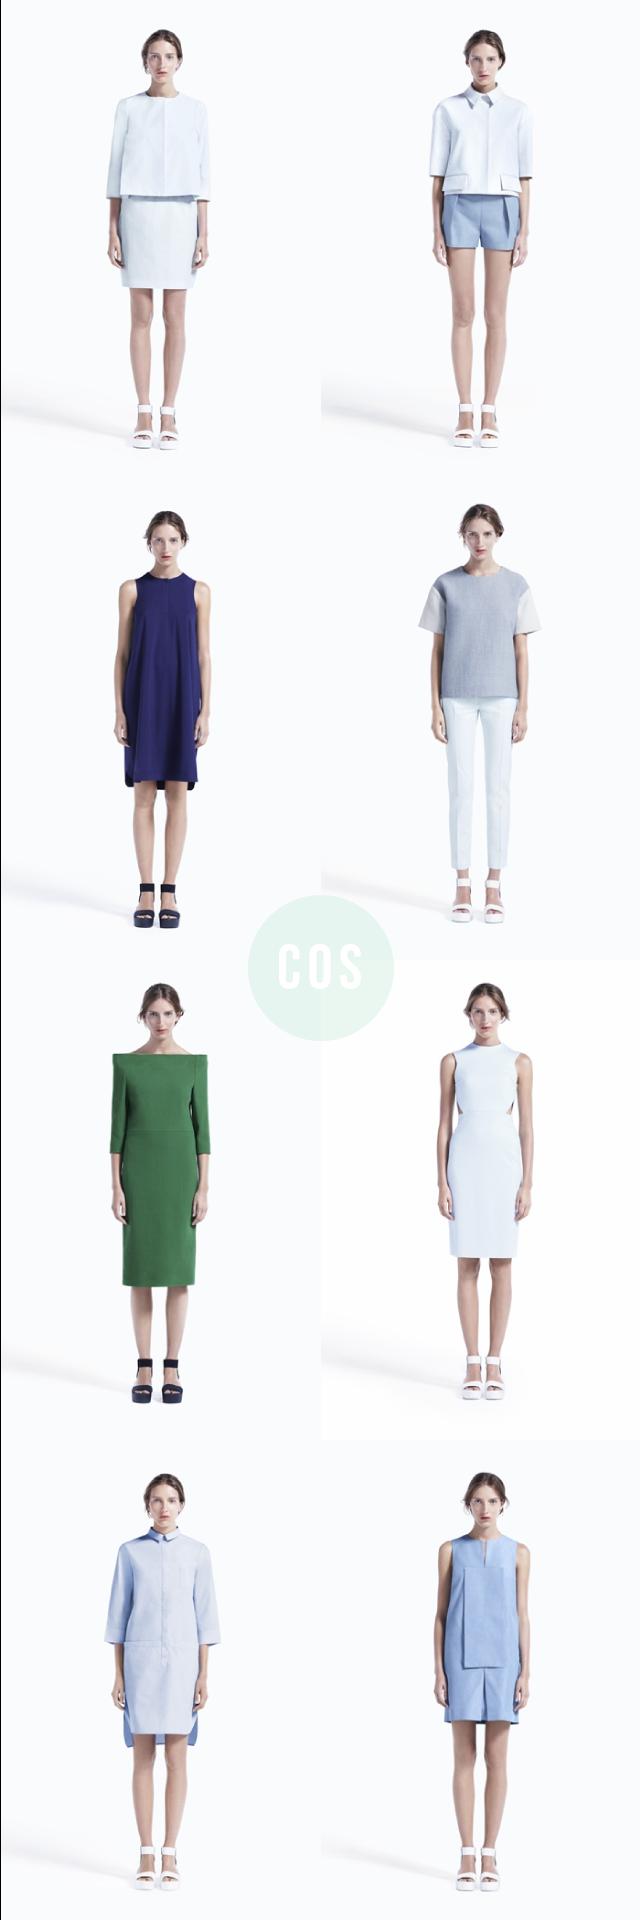 Blog Milk: COS Spring / Summer